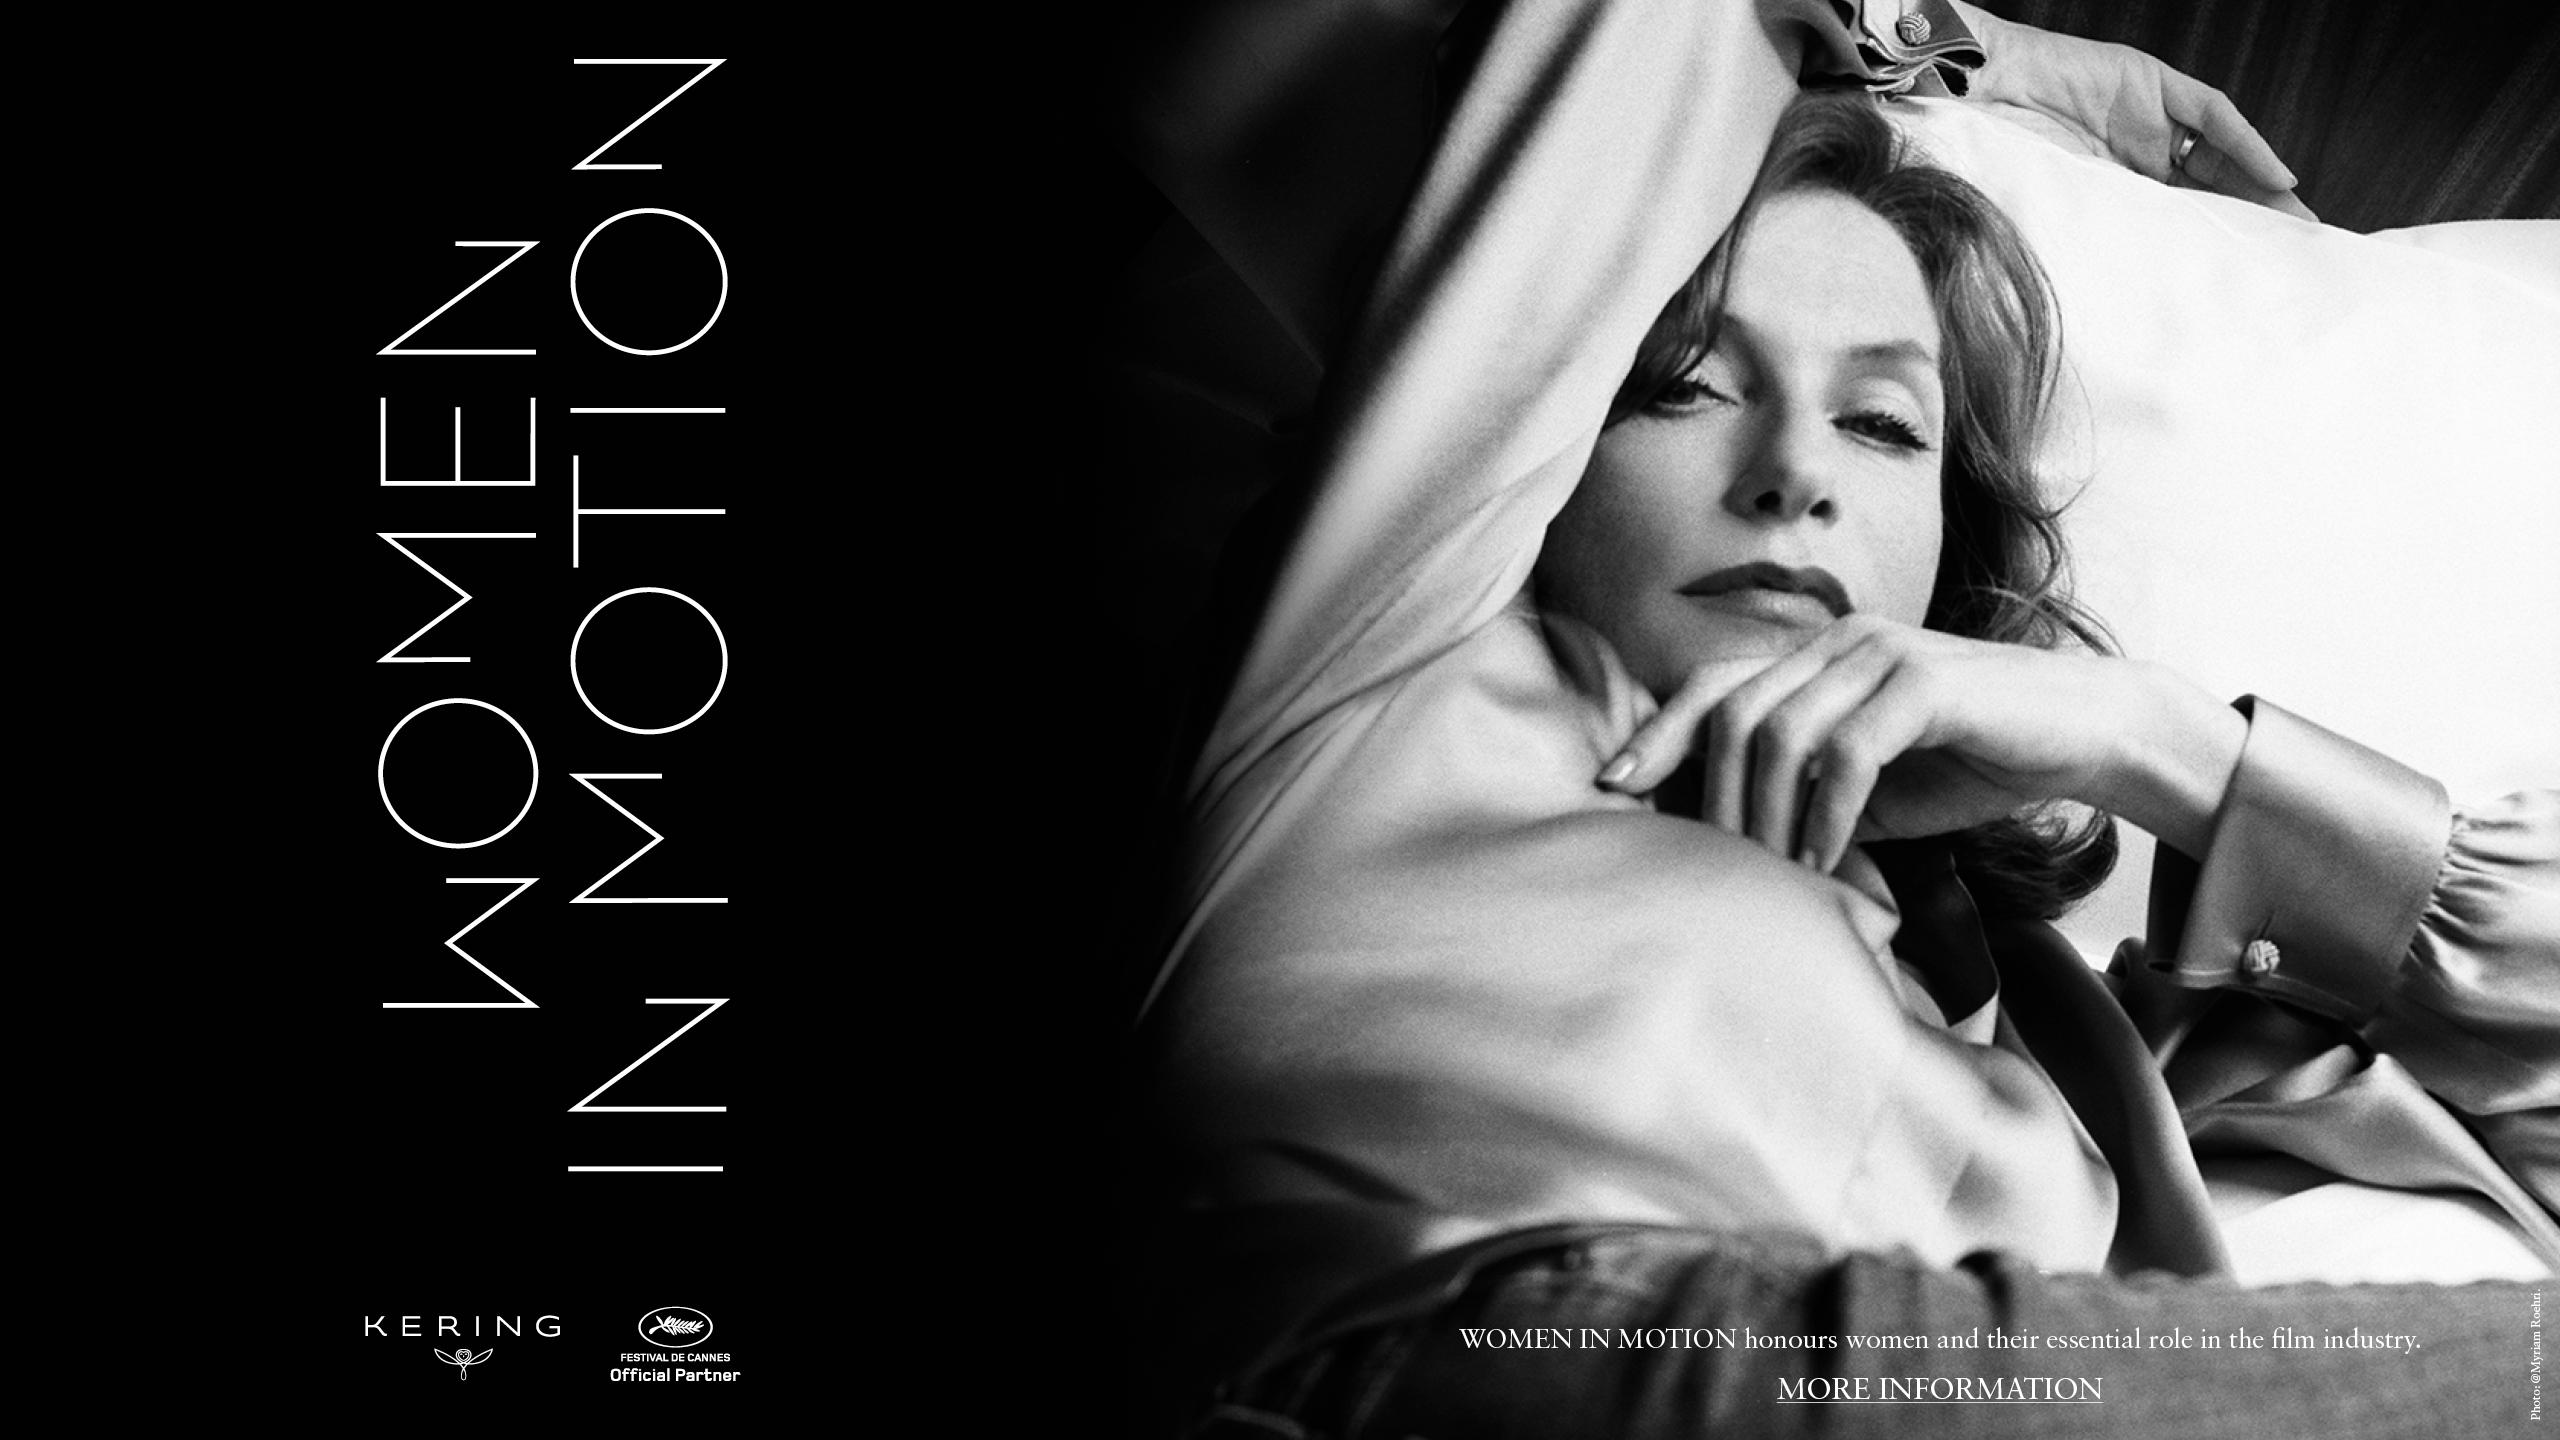 women in motion cannes 2017